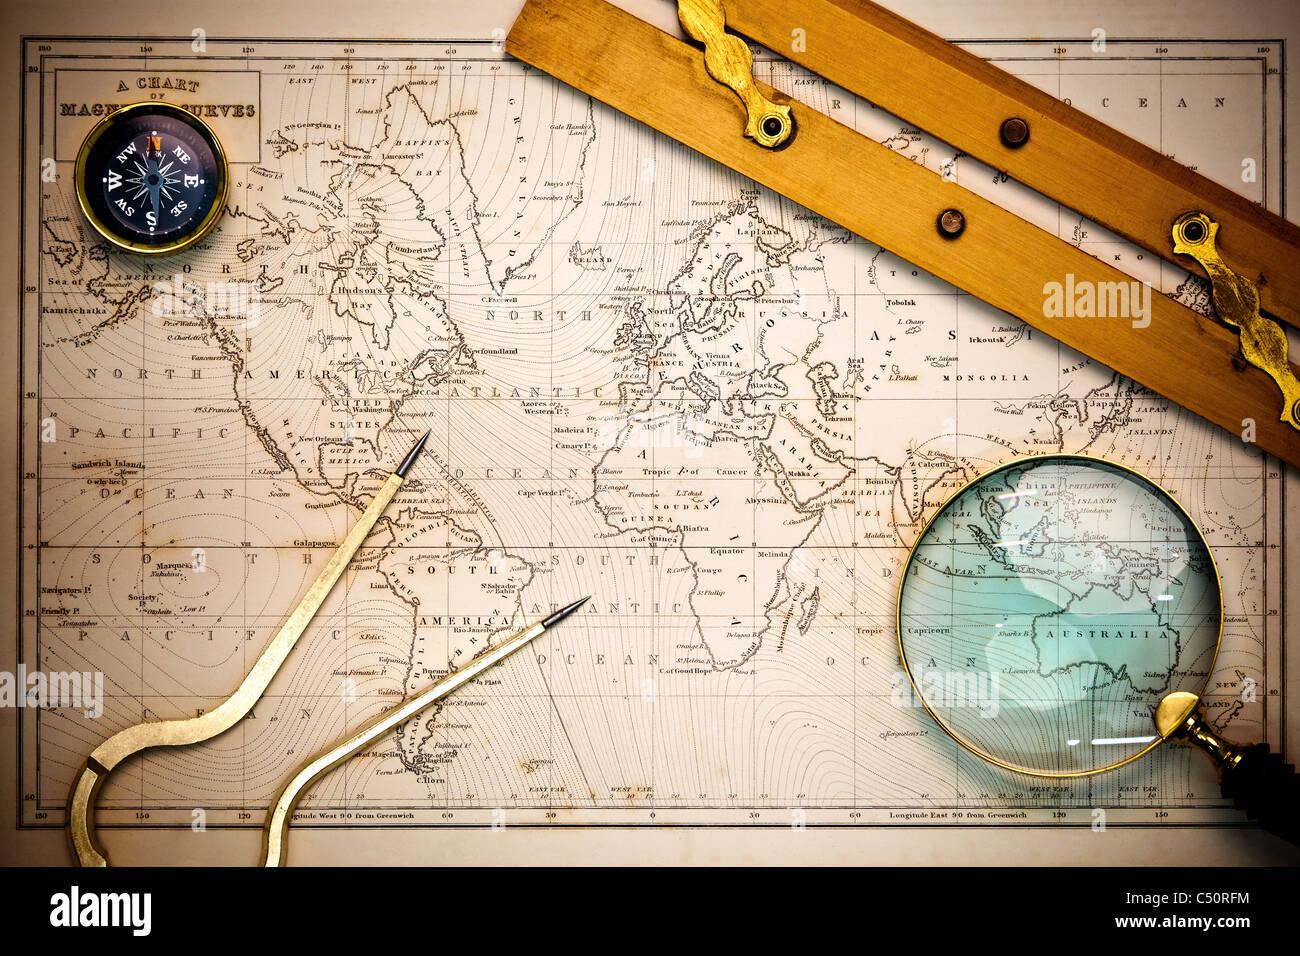 Foto di un vecchio disegnati a mano del XIX secolo mappa con oggetti di navigazione su di esso con la vignettatura. Immagini Stock